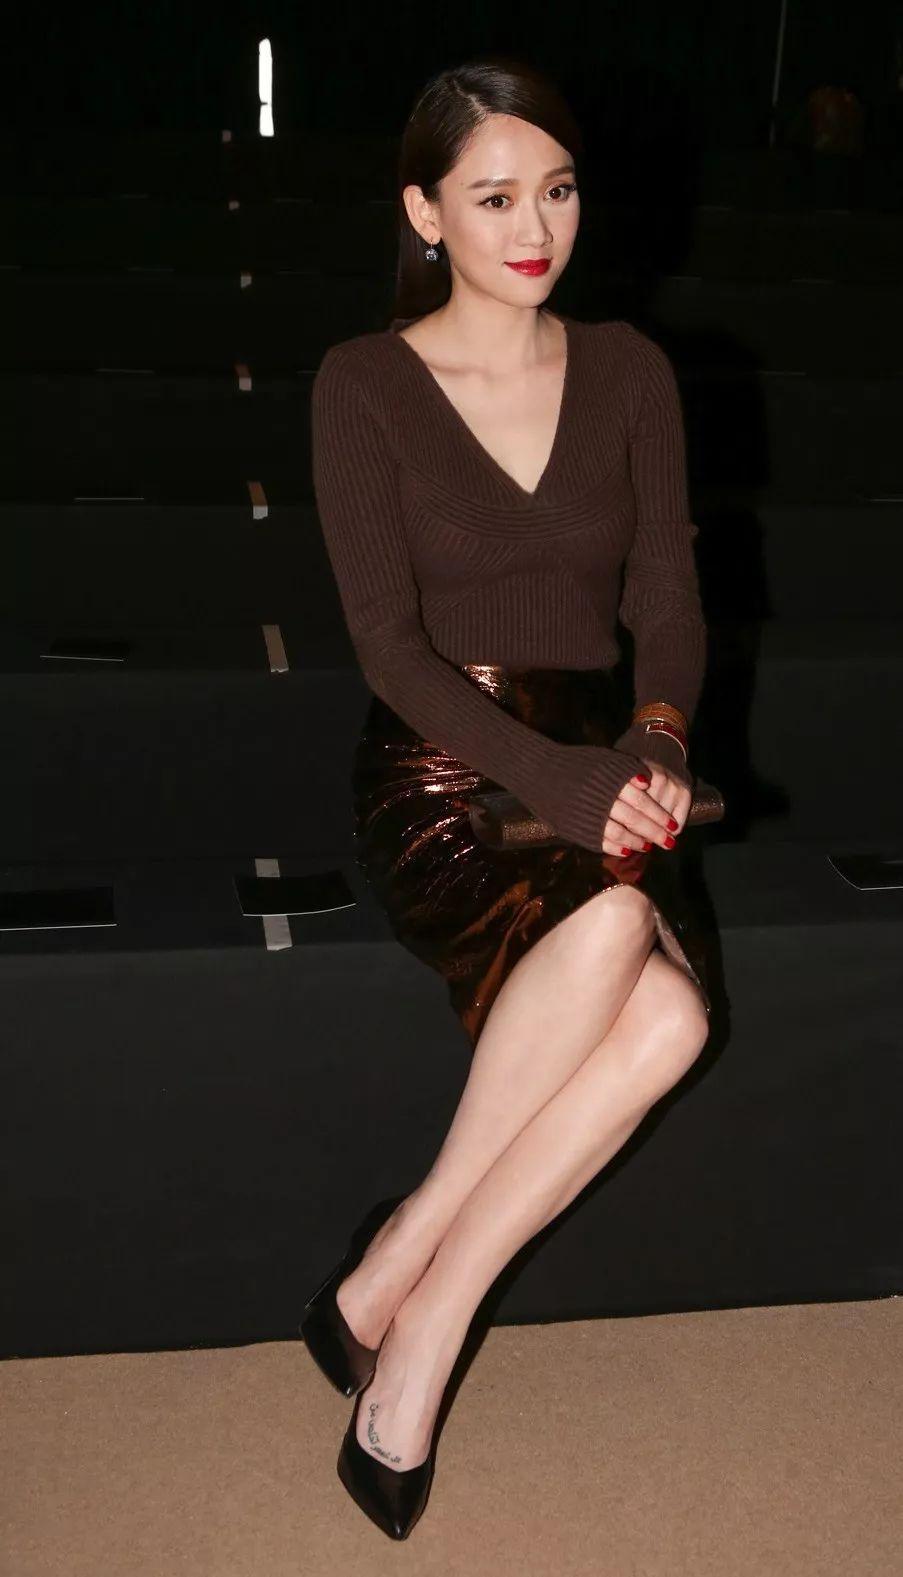 陈乔恩和我肏屄_陈乔恩/ c/脚上有纹身的女明星有那些?